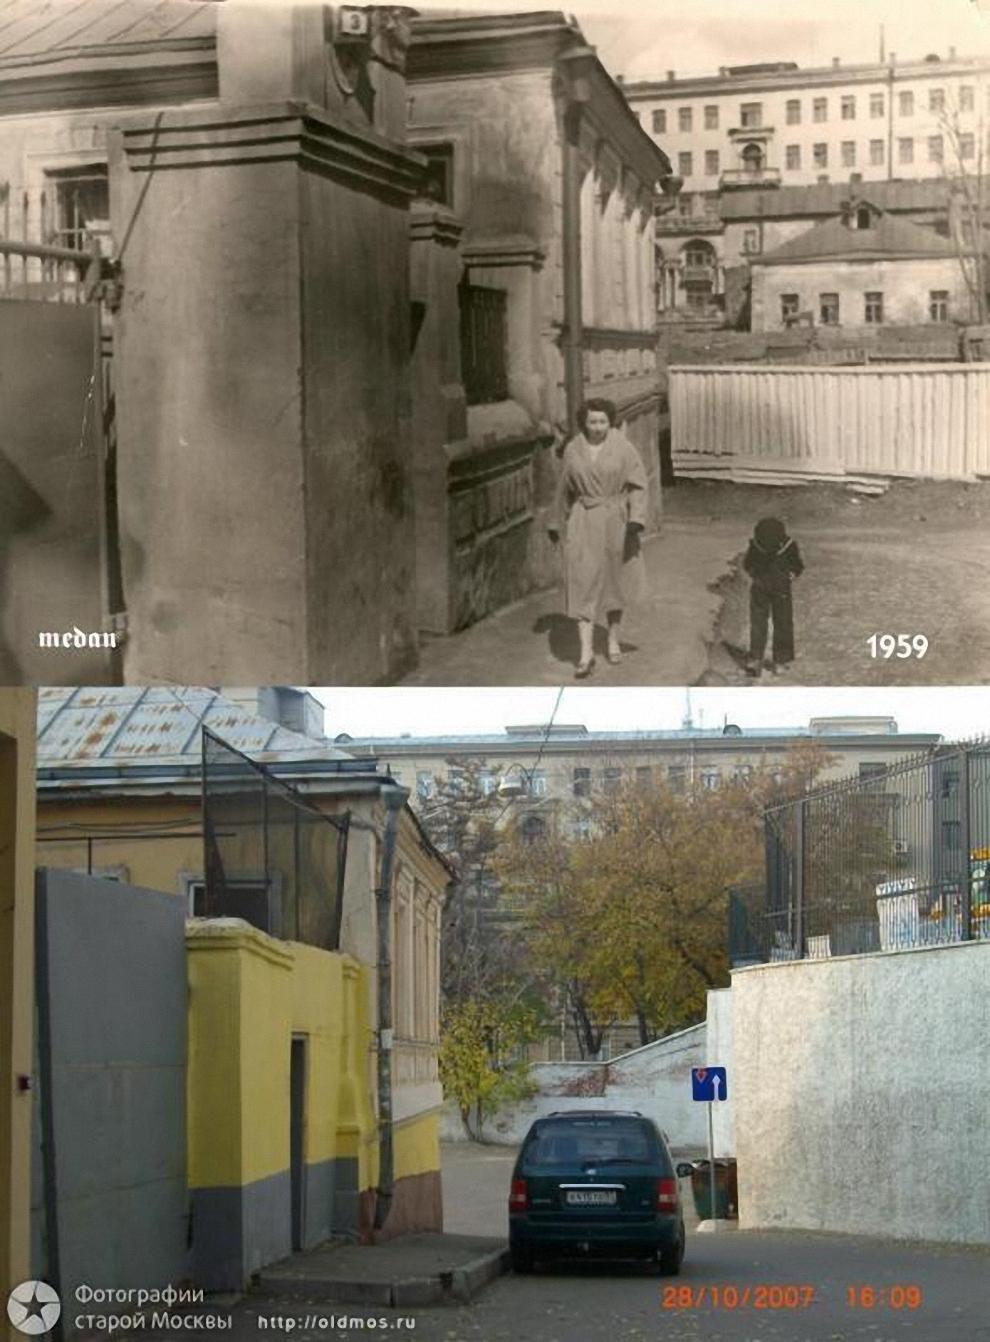 25) Таганка. 4-й Котельнический переулок. 1959-2007 гг.